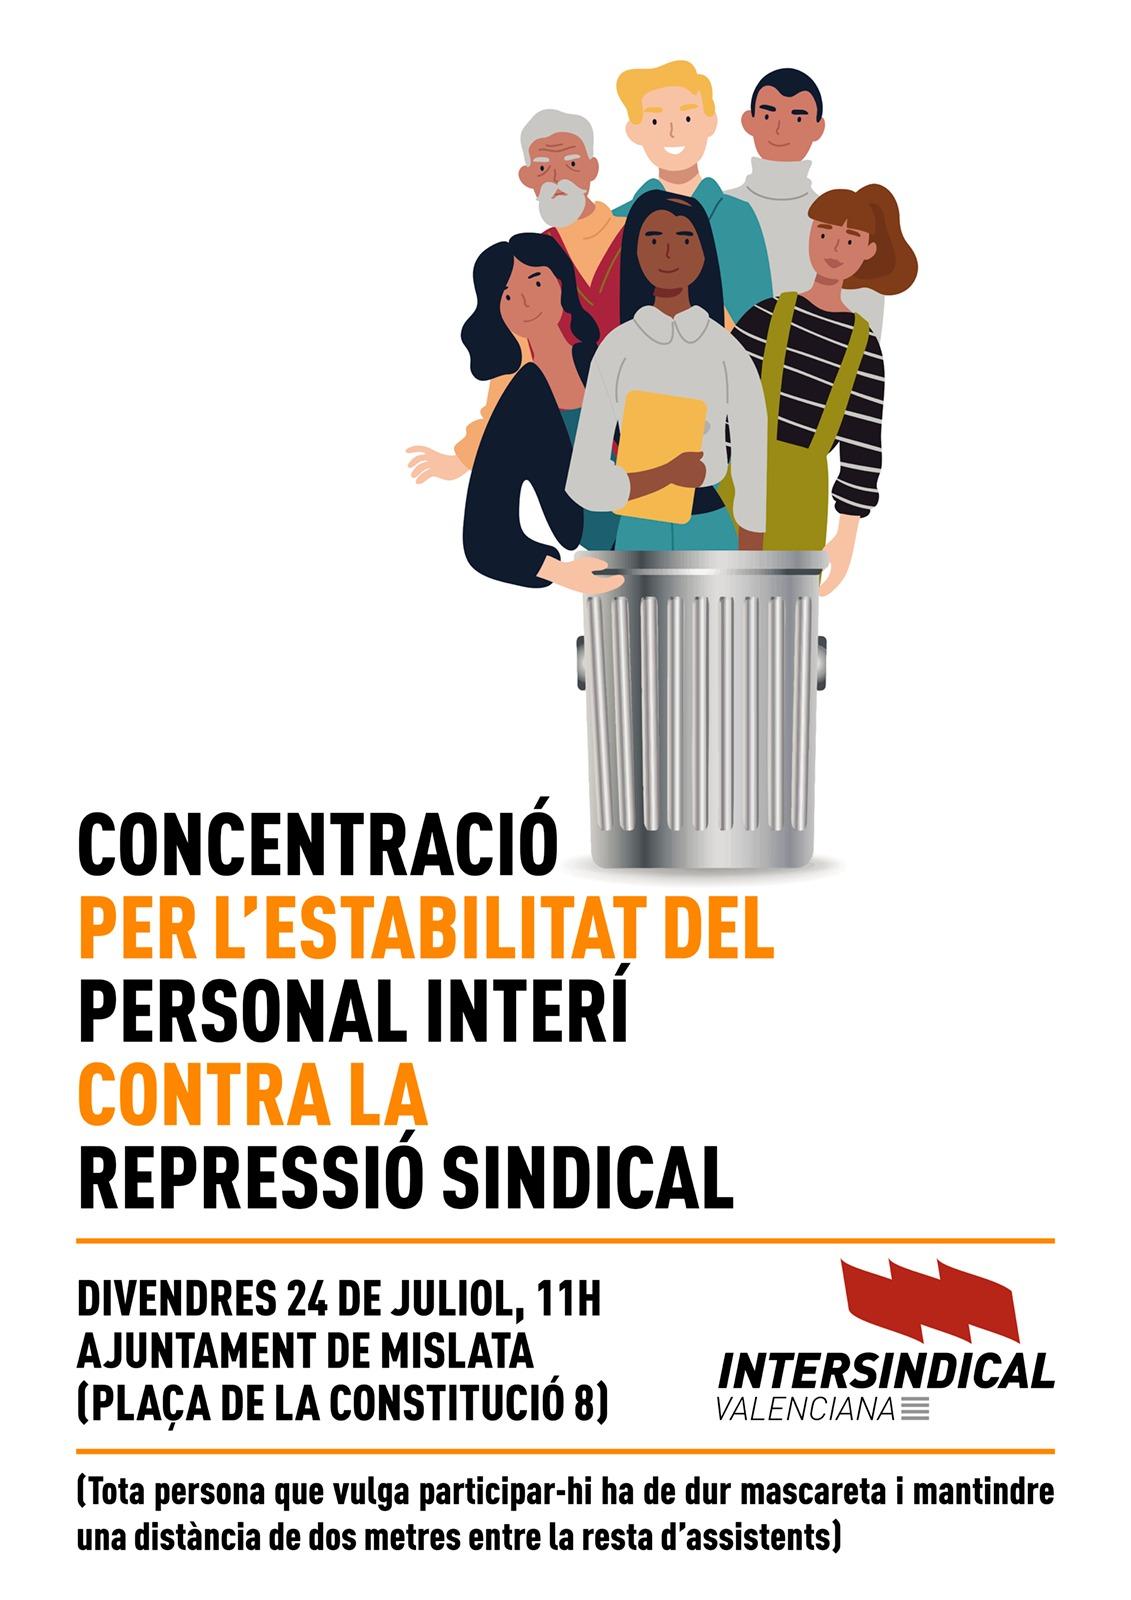 INTERSINDICAL CONVOCA UNA CONCENTRACIÓ DAVANT AJUNTAMENT DE MISLATA